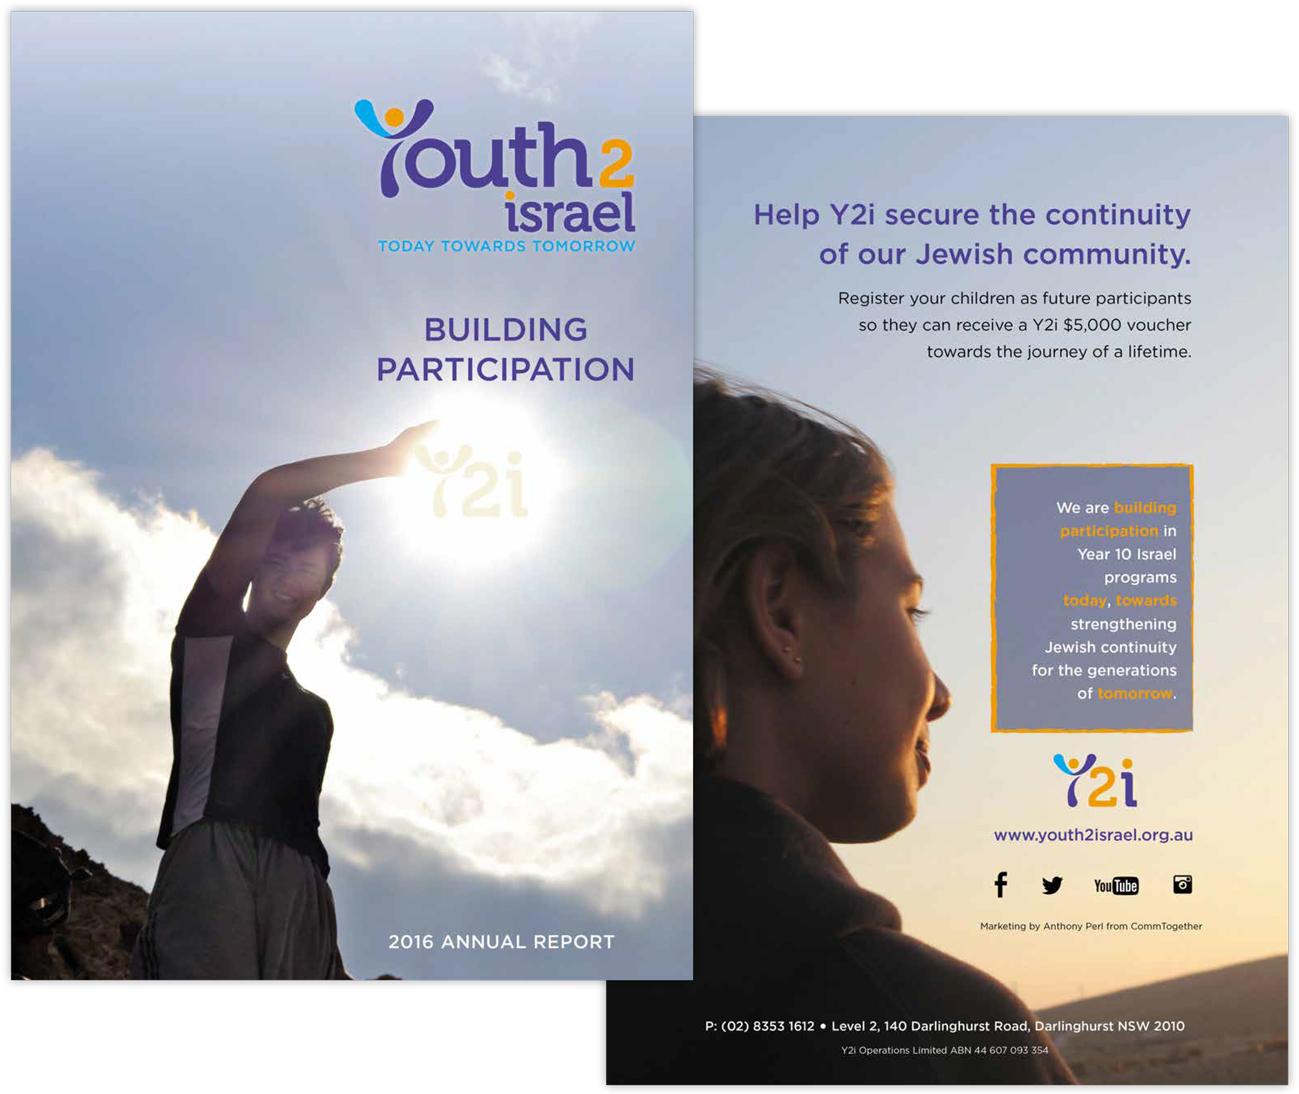 youth 2 israel 3